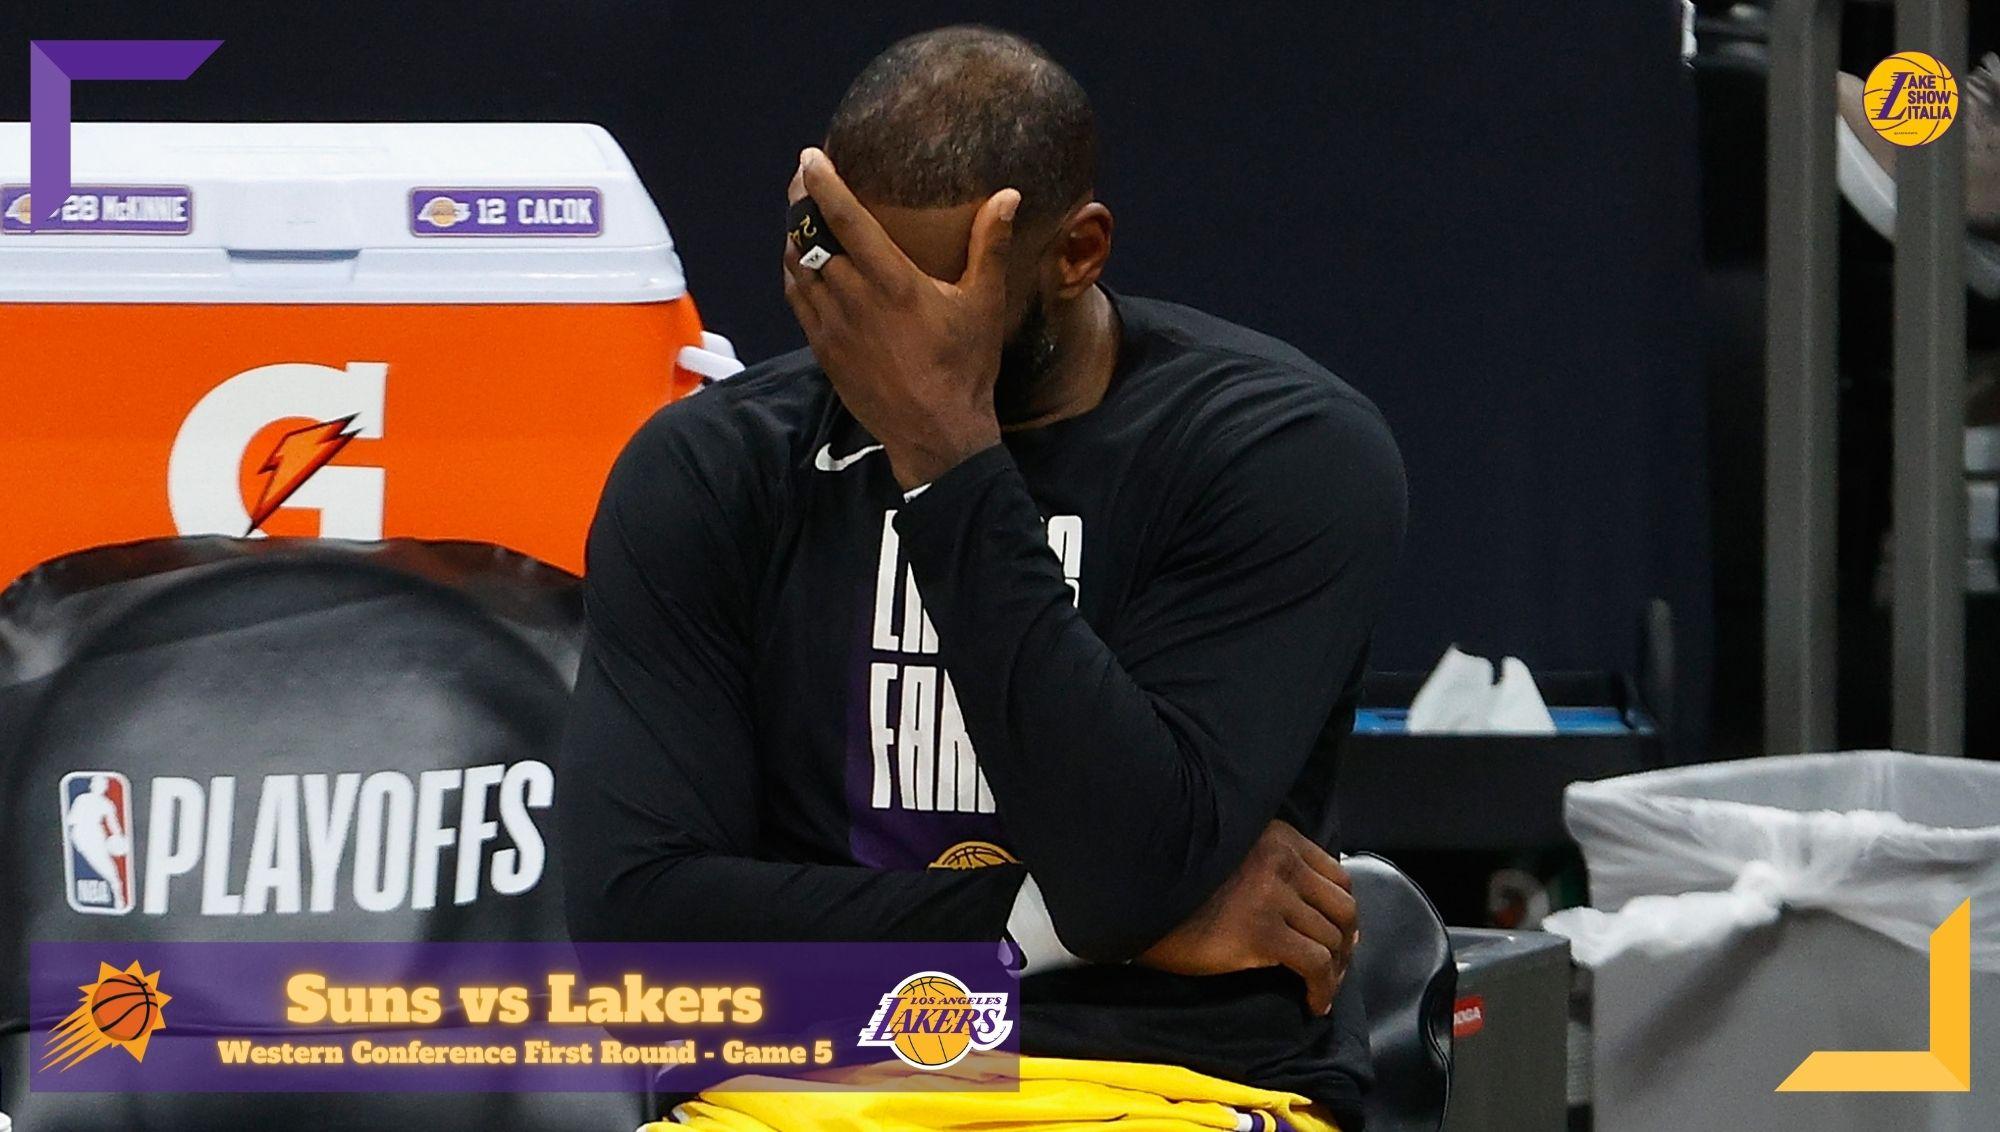 In Gara 5 basta un tempo ai Phoenix Suns per avere la meglio sui Los Angeles Lakers. Devin Booker inarrestabile, male LeBron James.